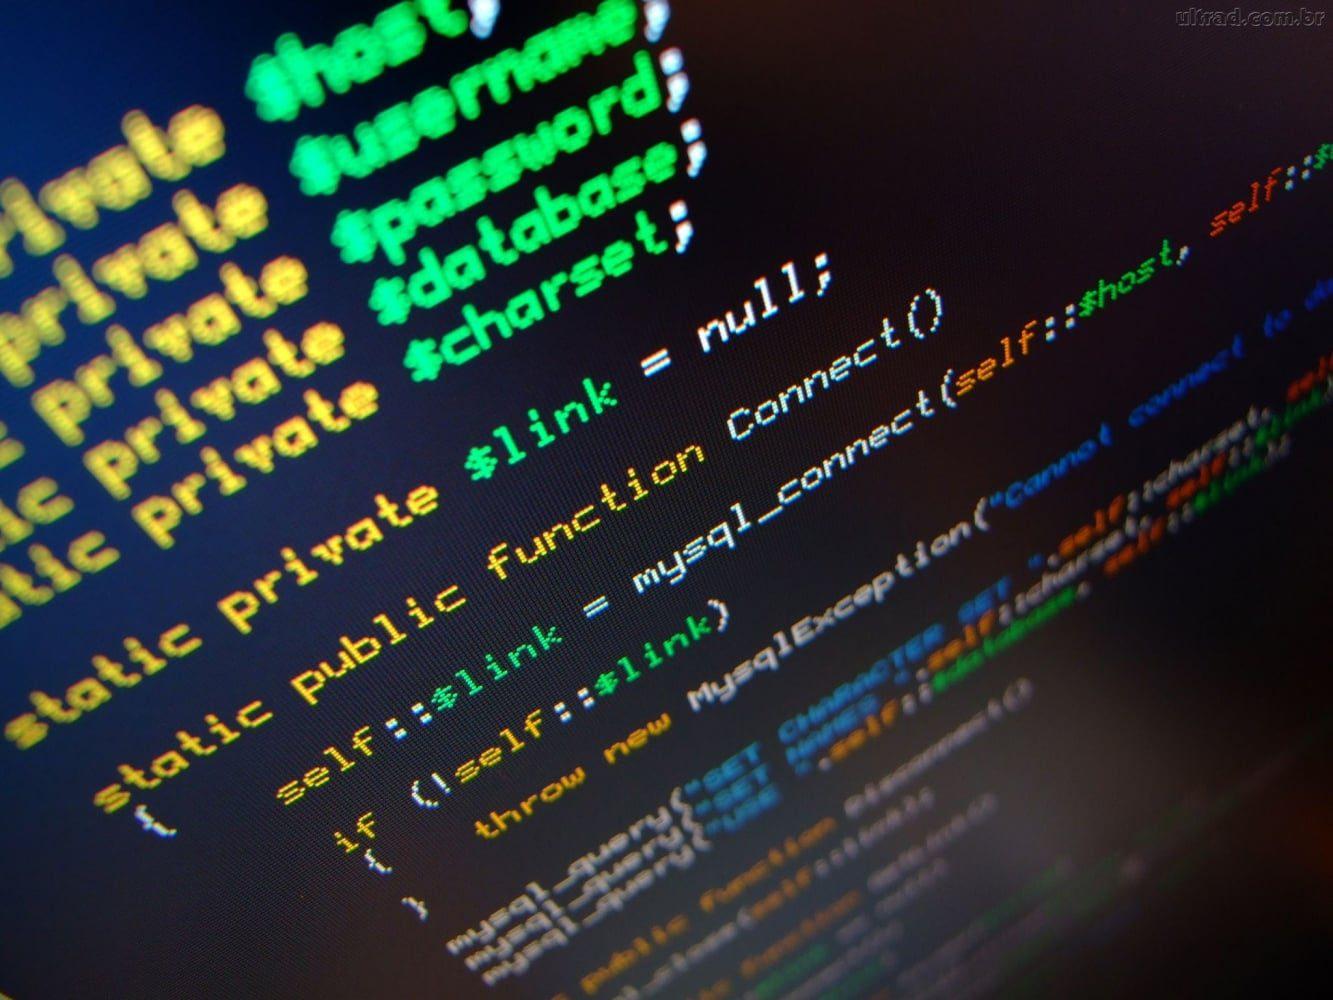 Qual a diferença entre software de código aberto e software de código fechado?